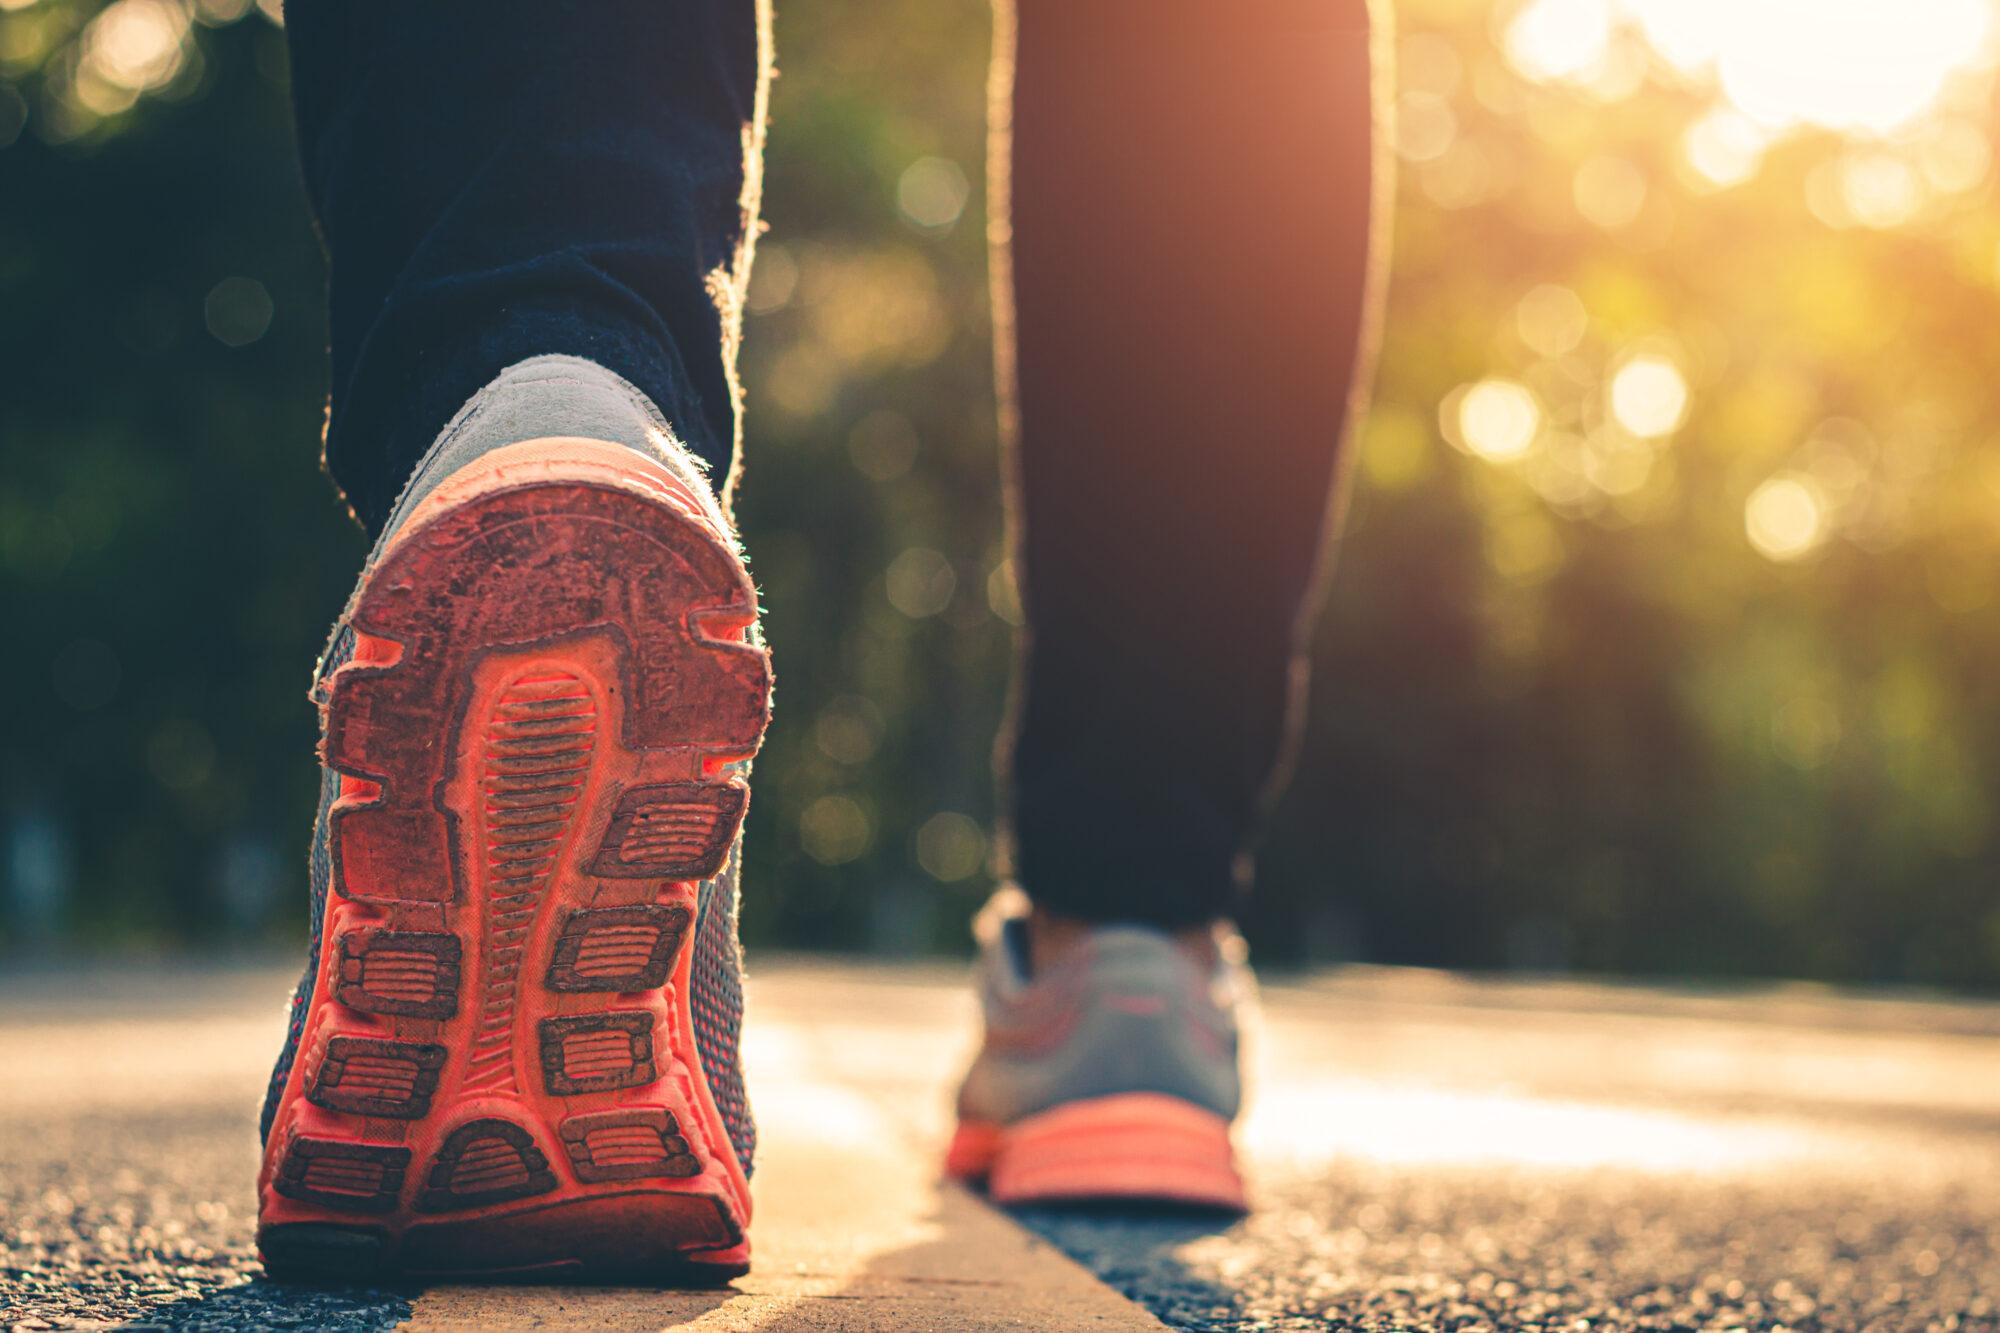 Sådan kommer du godt i gang med at løbe